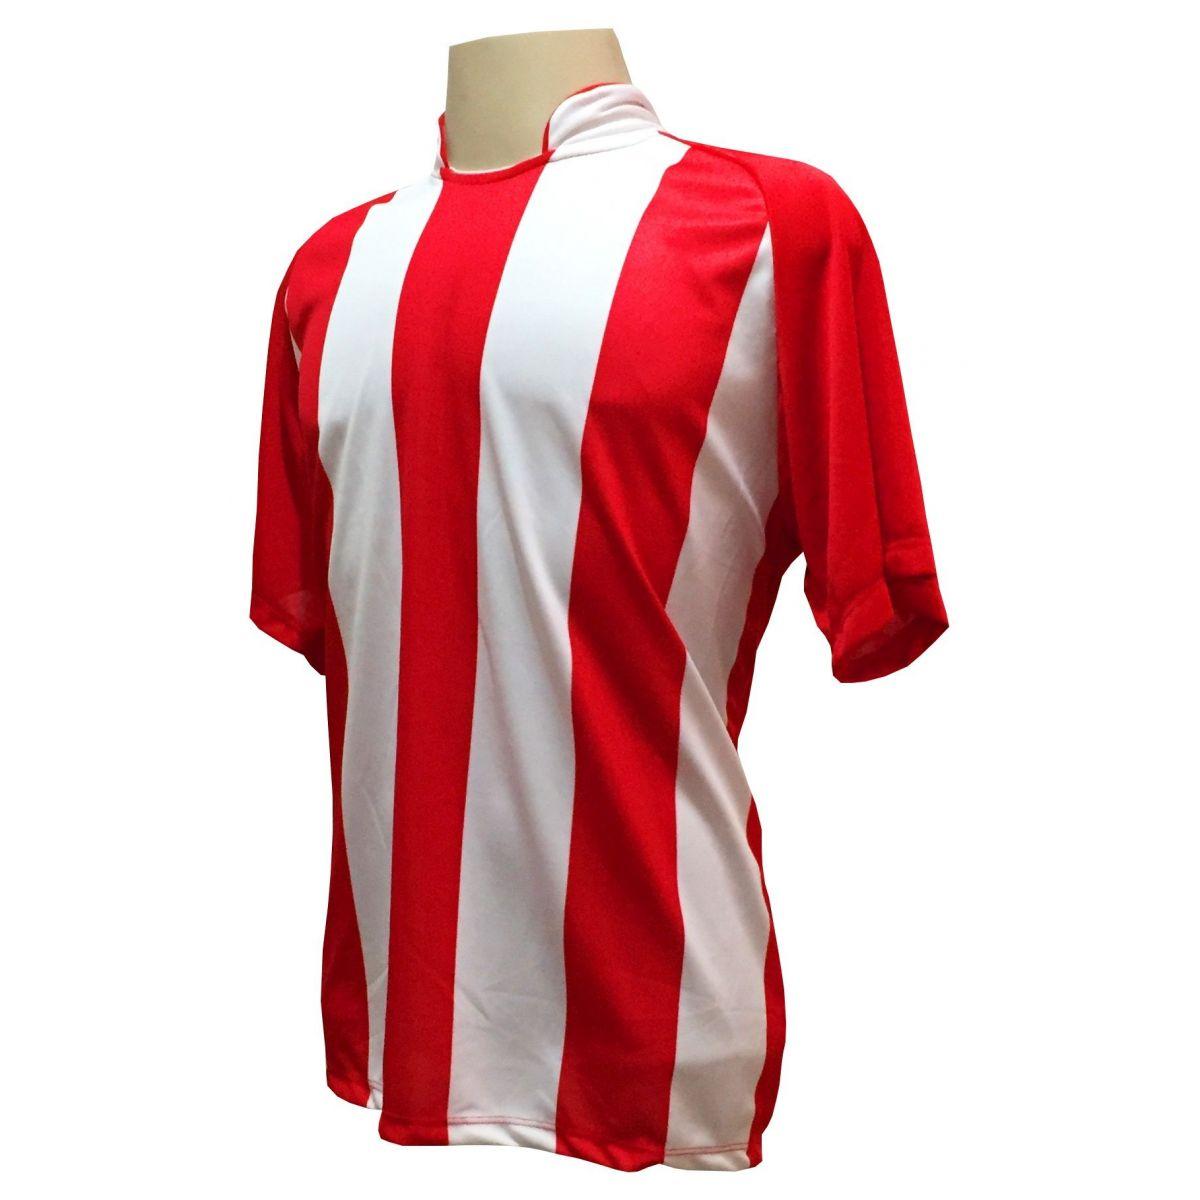 Uniforme Esportivo com 18 camisas modelo Milan Vermelho/Branco + 18 calções modelo Copa Vermelho/Branco + Brindes